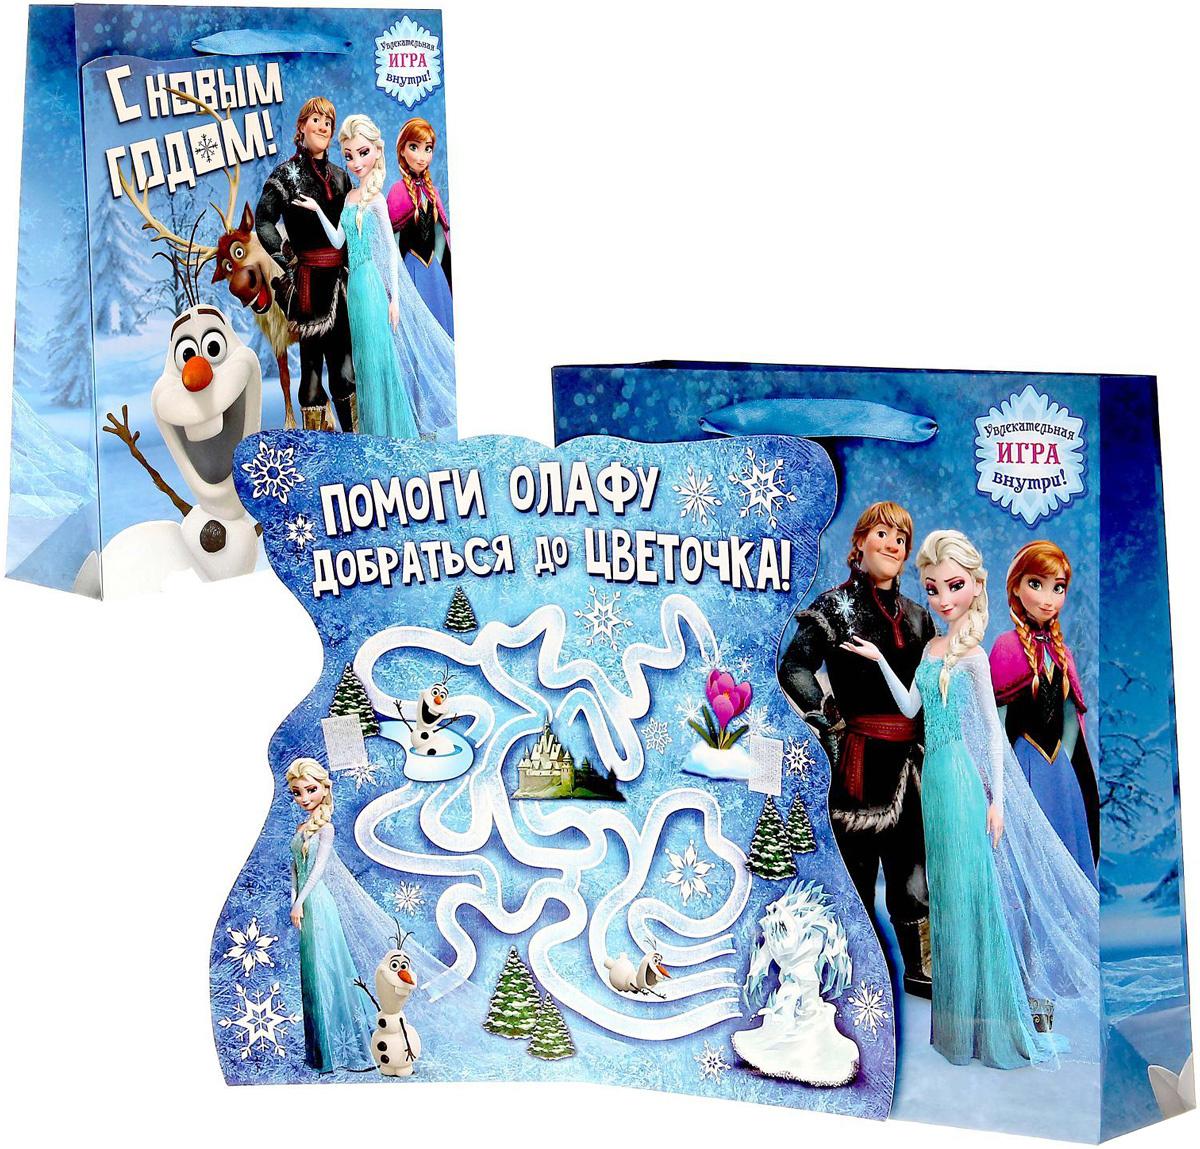 """Пакет подарочный Disney """"Холодное сердце. С Новым годом"""", с открыткой, 23 х 27 см  #1"""